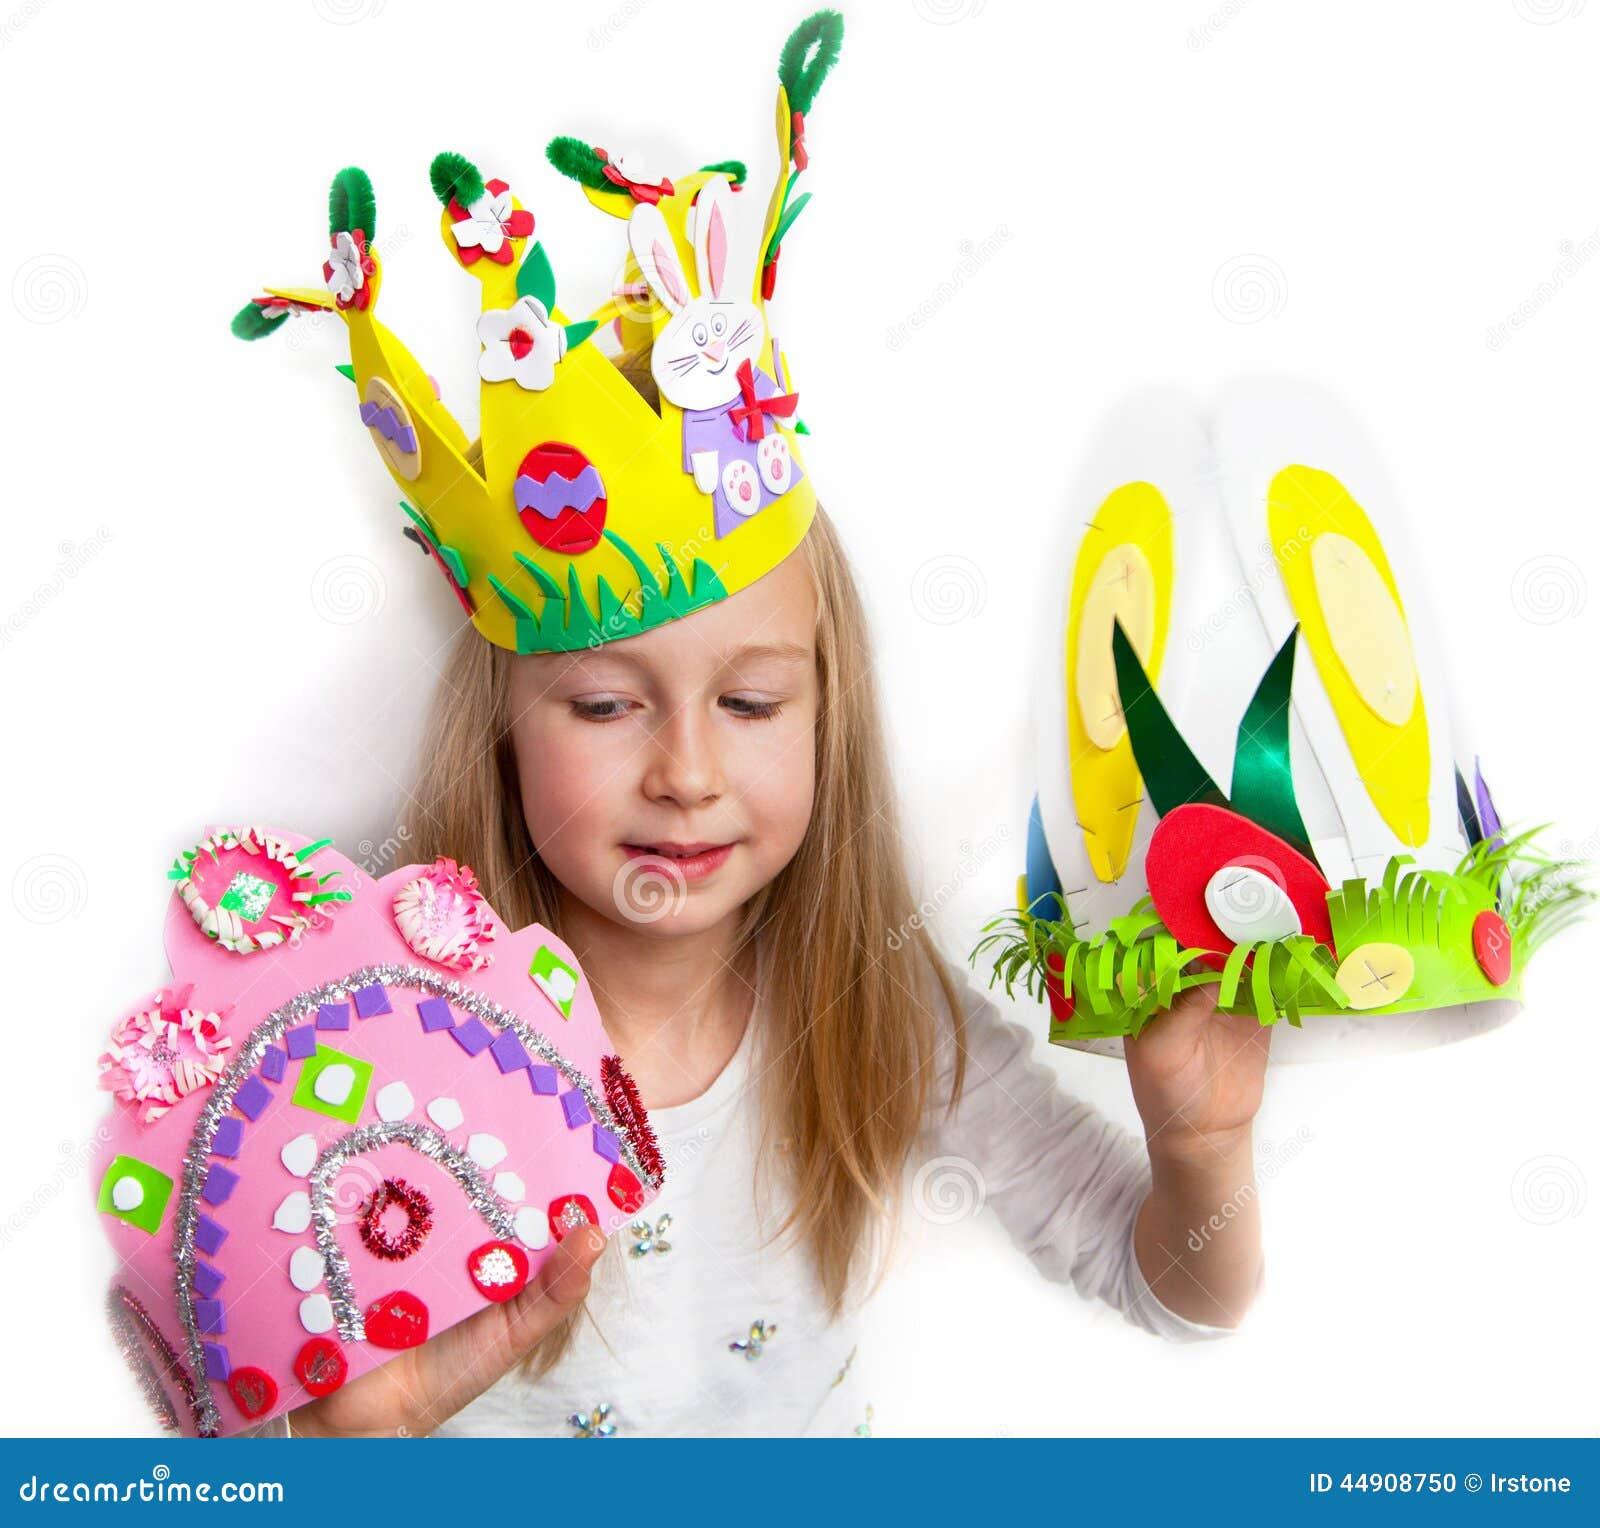 réflexions sur nouveaux styles code de promo Little Girl Demonstrating Her Craft Works, Easter Bonnets ...